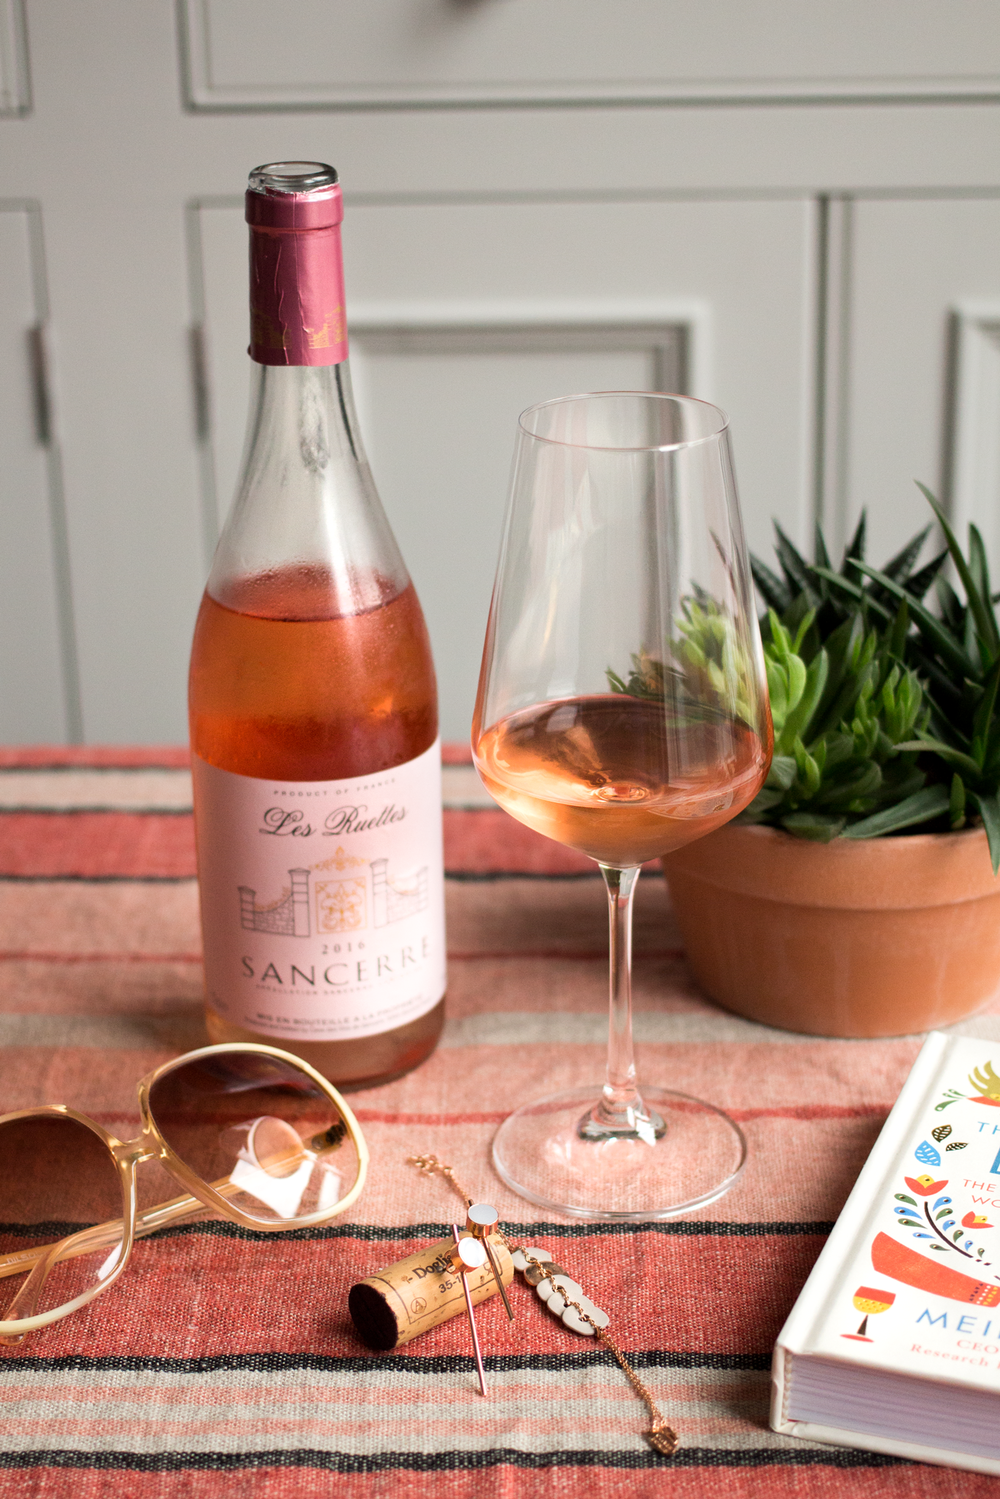 Rosé-Wine-Review-of-Les-Ruettes-Sancerre-by-Bottle-Bitches.png